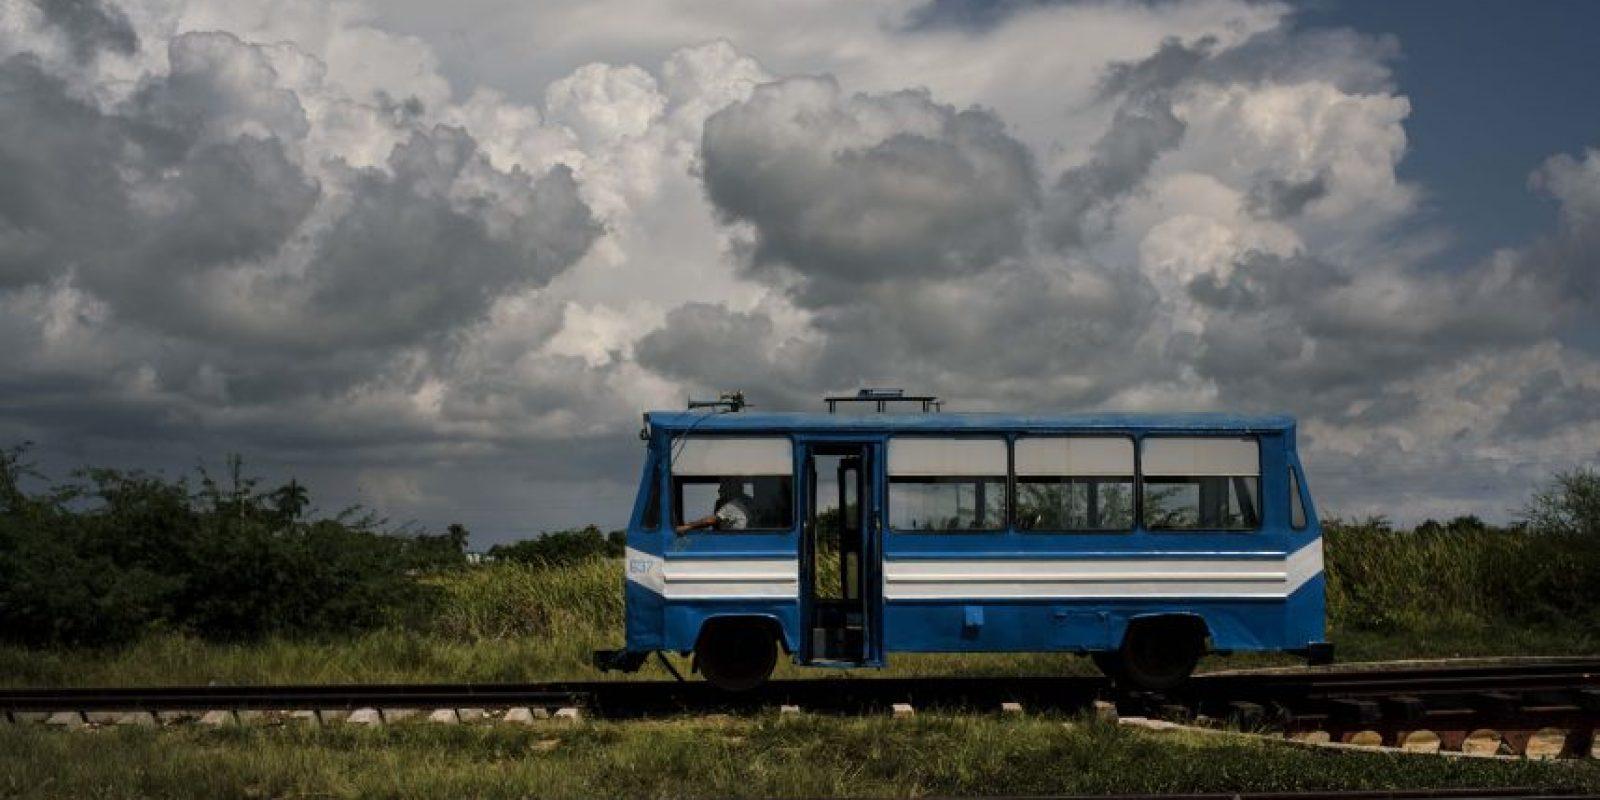 """En esta imagen, tomada el 11 de octubre de 2015, un vagón de tren con apariencia de autocar se mueve por las vías a las afueras de Trinidad, en Cuba. Este tren, conocido como """"tren automotor"""", traslada a pasajeros hacia y desde la ciudad. Cuba fue el primer país latinoamericano en contar con un sistema ferroviario a mediados del siglo XIX, cuando la España colonial empezó a conectar La Habana con las regiones productoras de azúcar de las afueras de la capital. Foto:AP Photo/ Ramón Espionsa"""